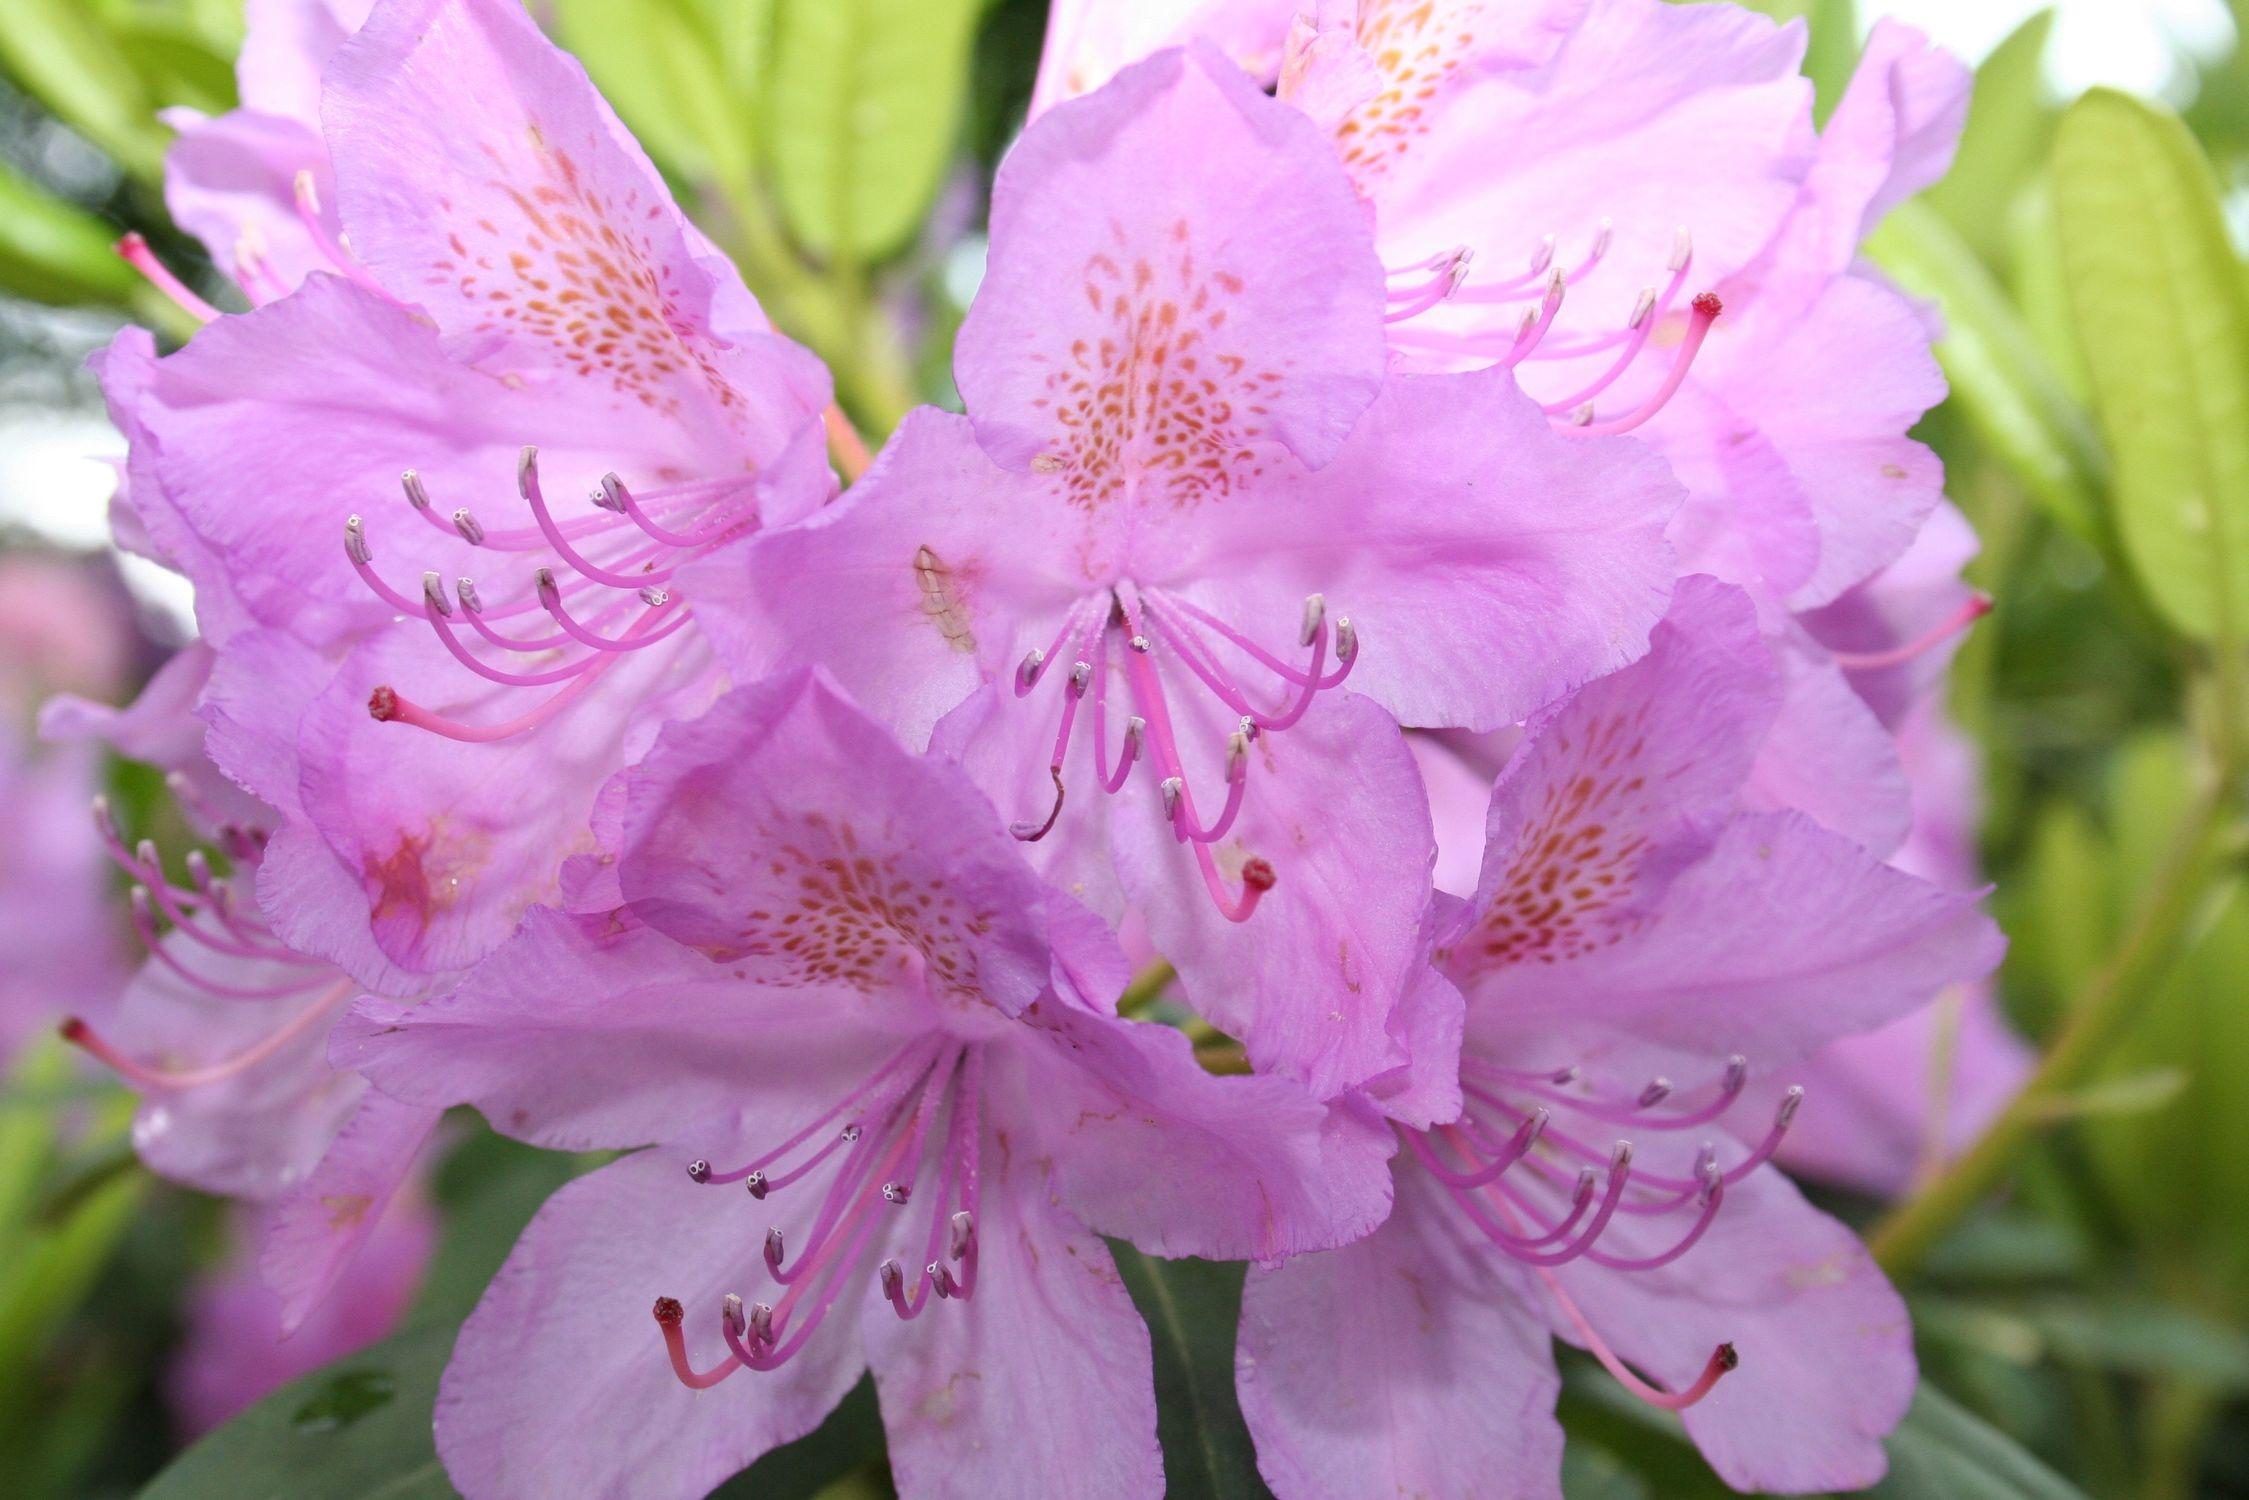 Bild mit Farben, Natur, Pflanzen, Bäume, Blumen, Rosa, Rhododendren, Azaleen